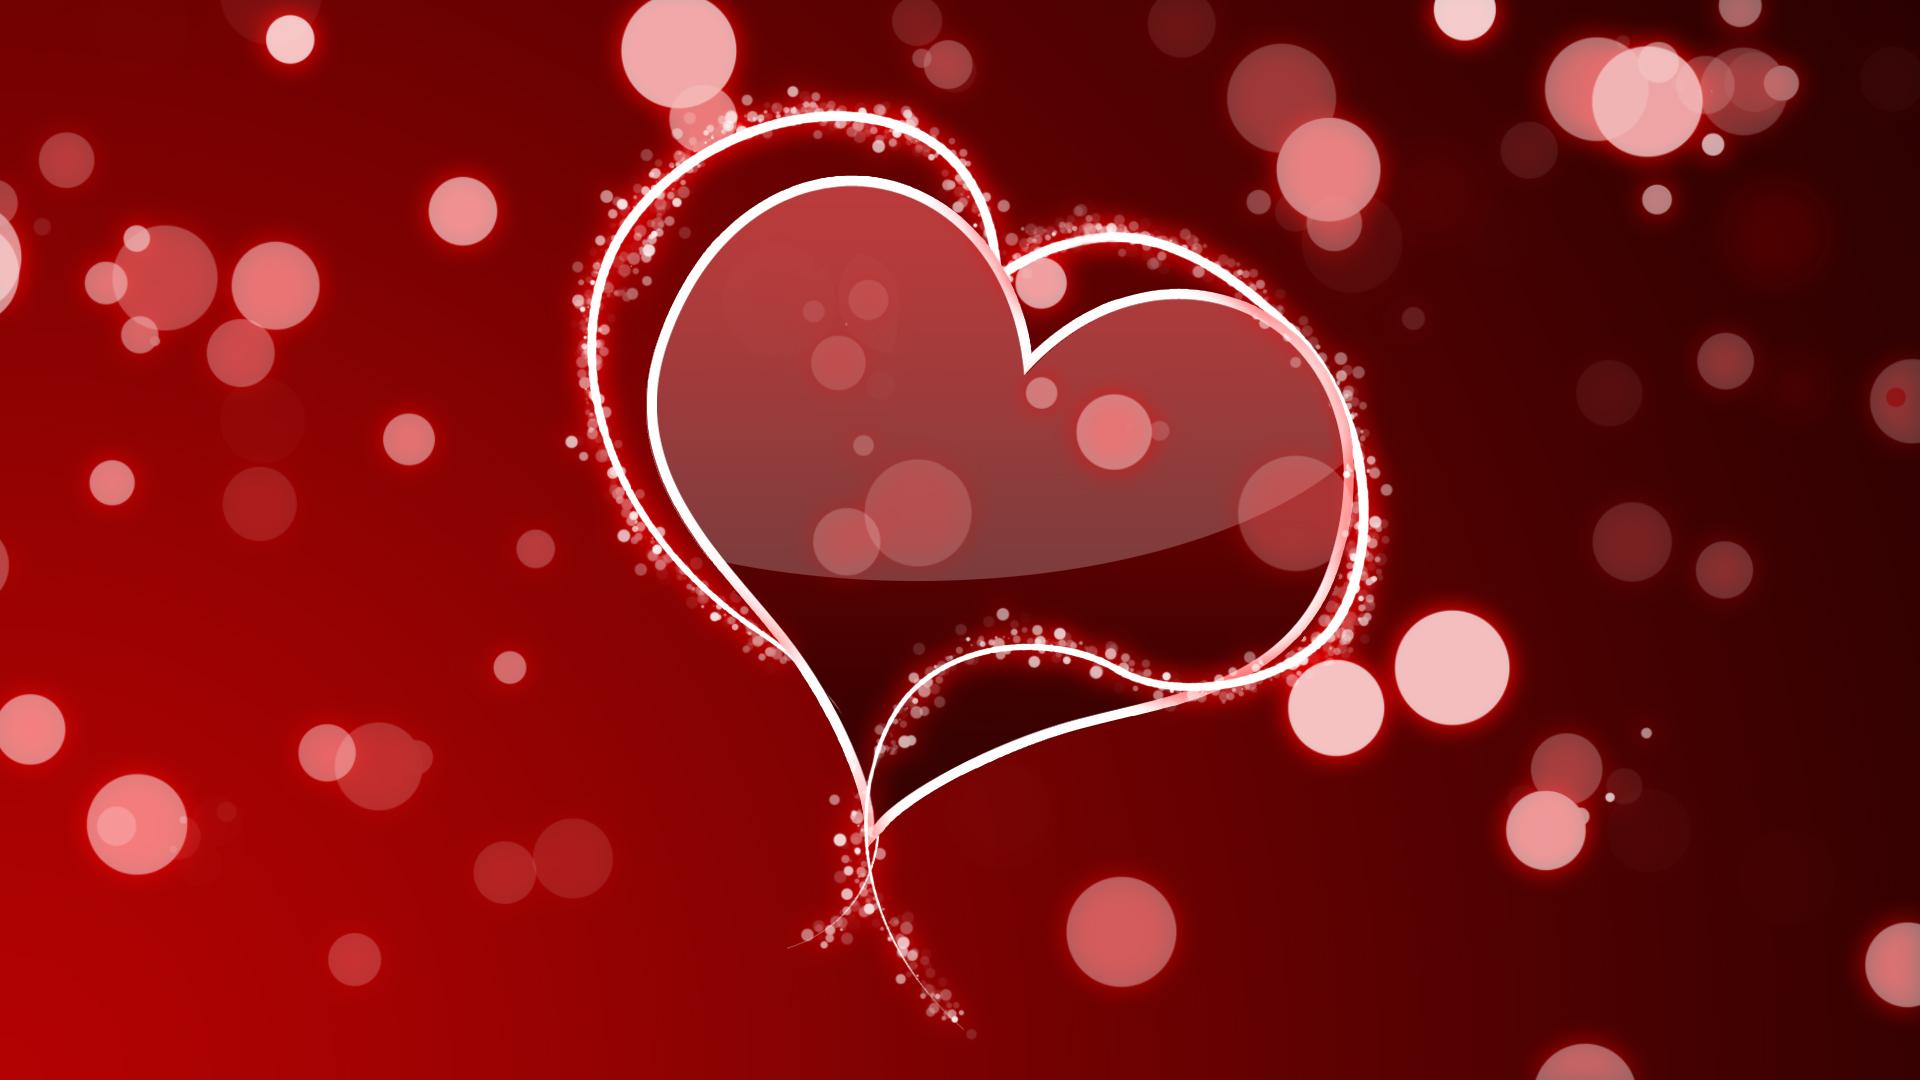 Фон для романтической открытки